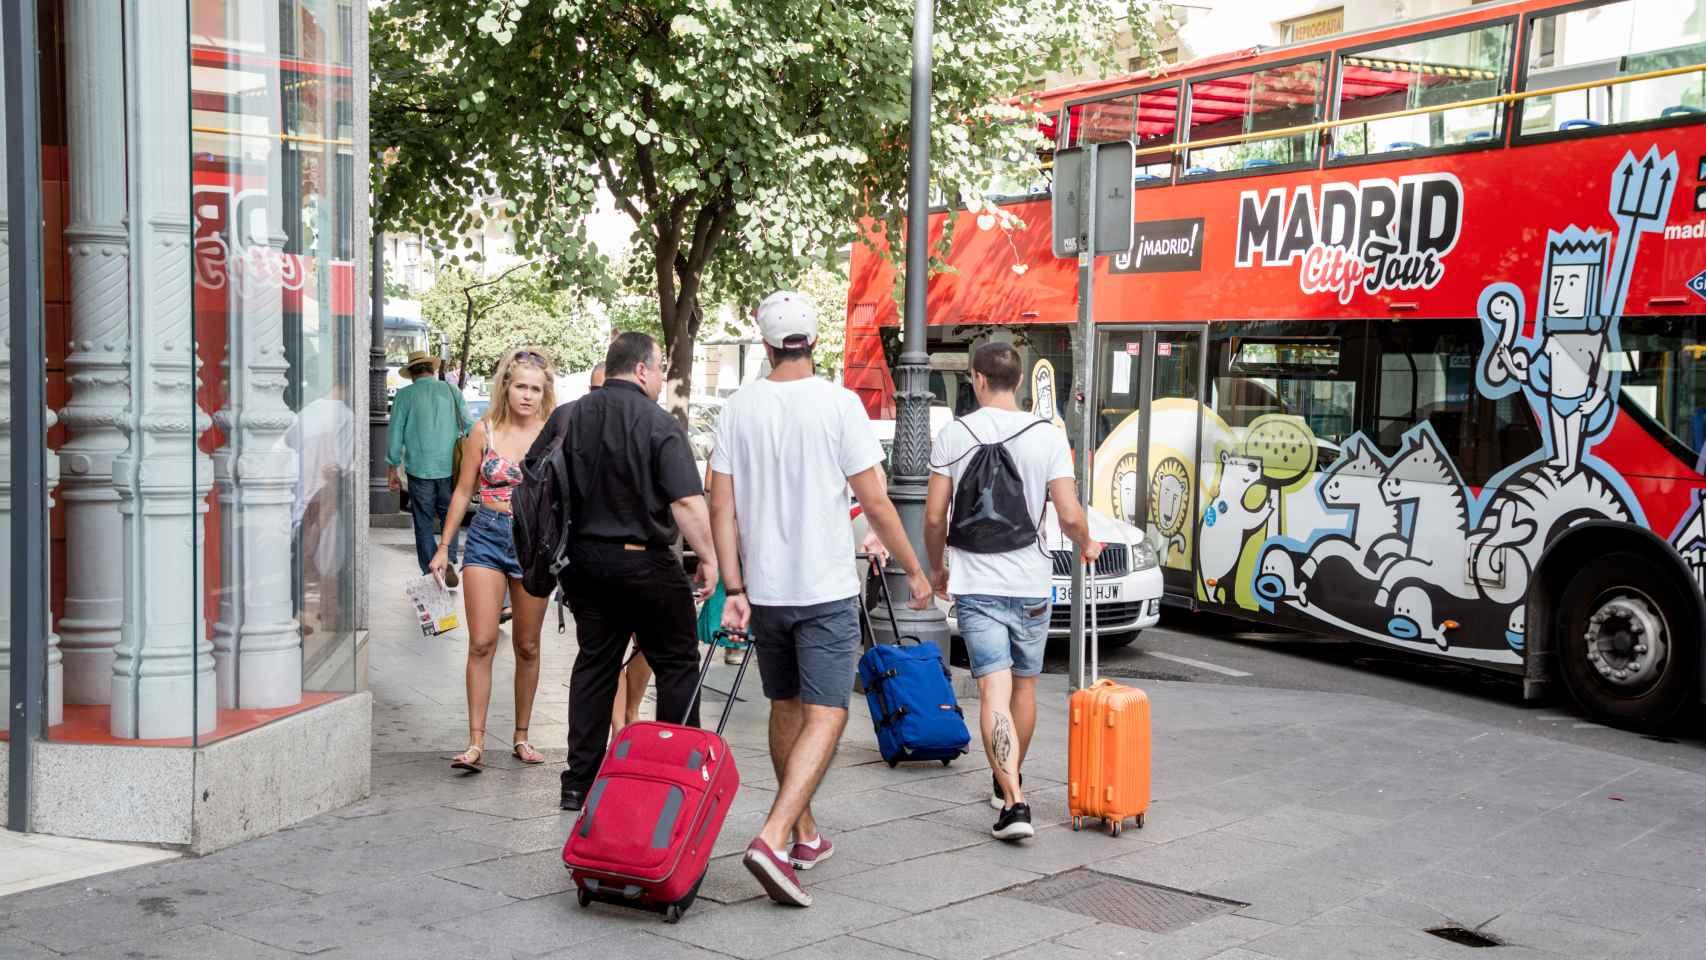 Fotos de recurso de turistas en Madrid.